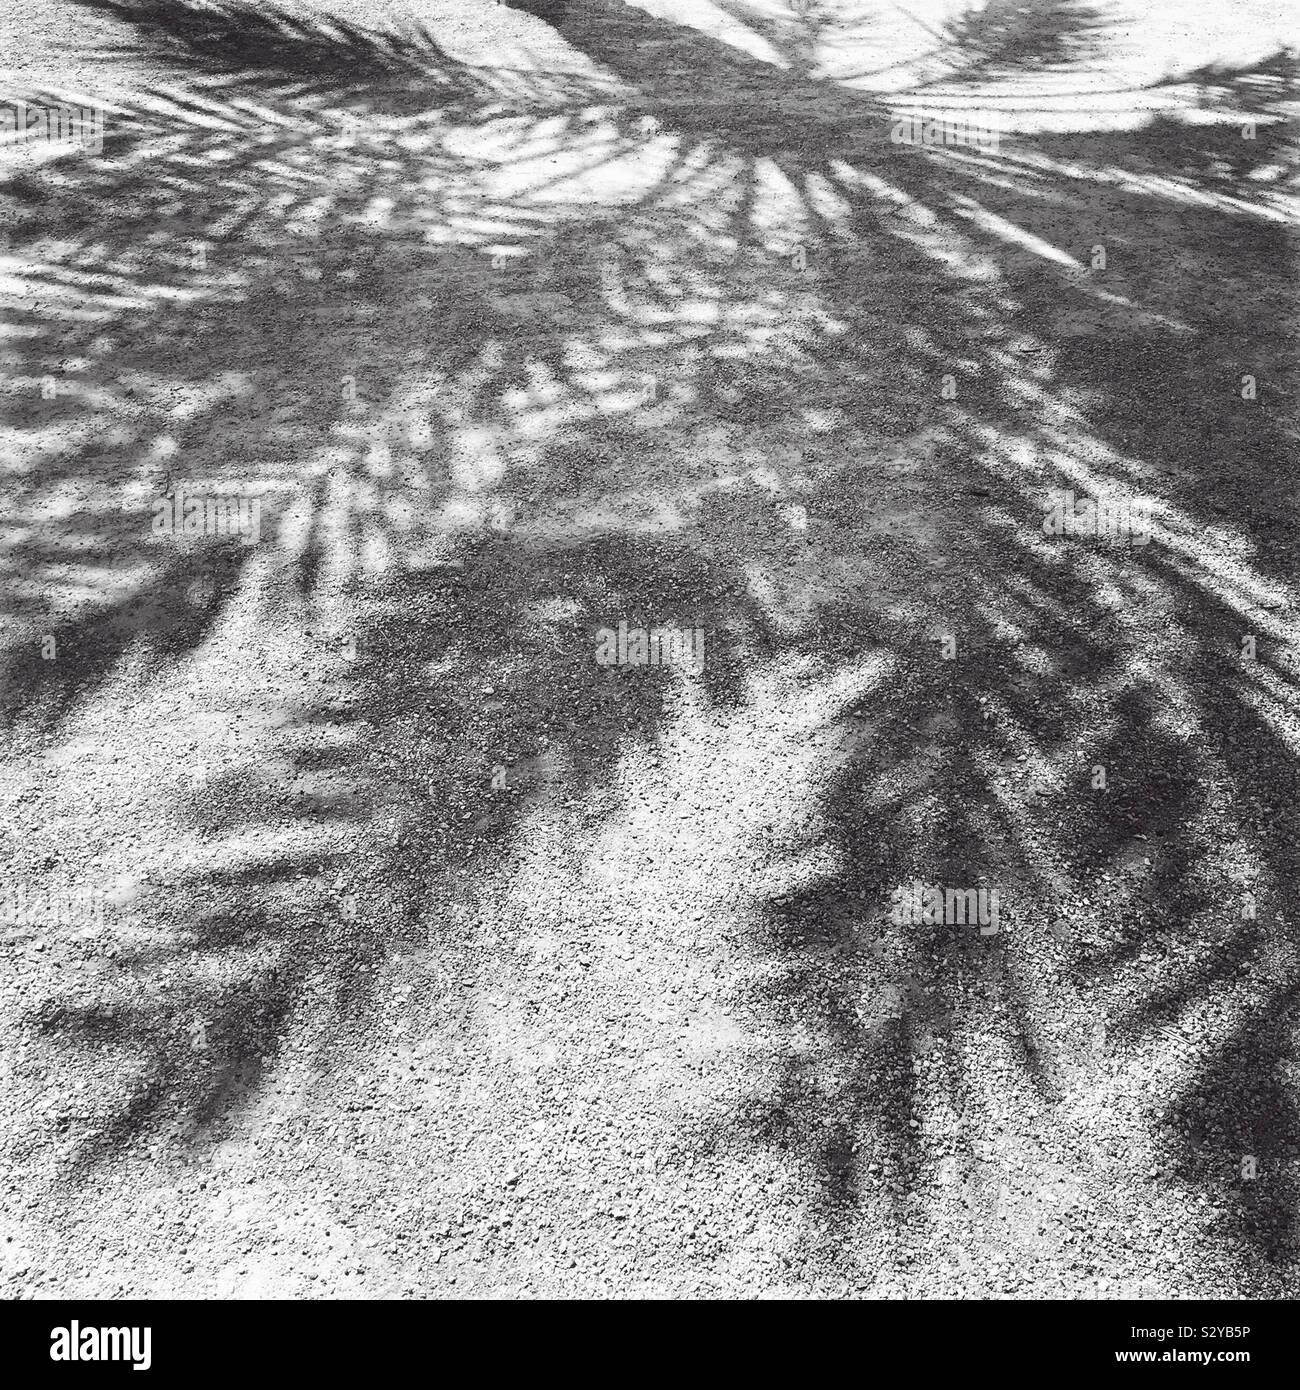 Schatten der langen Blätter und Zweige eines Palme auf der rauhen Oberfläche Zement mit einem Parkplatz. Stockfoto